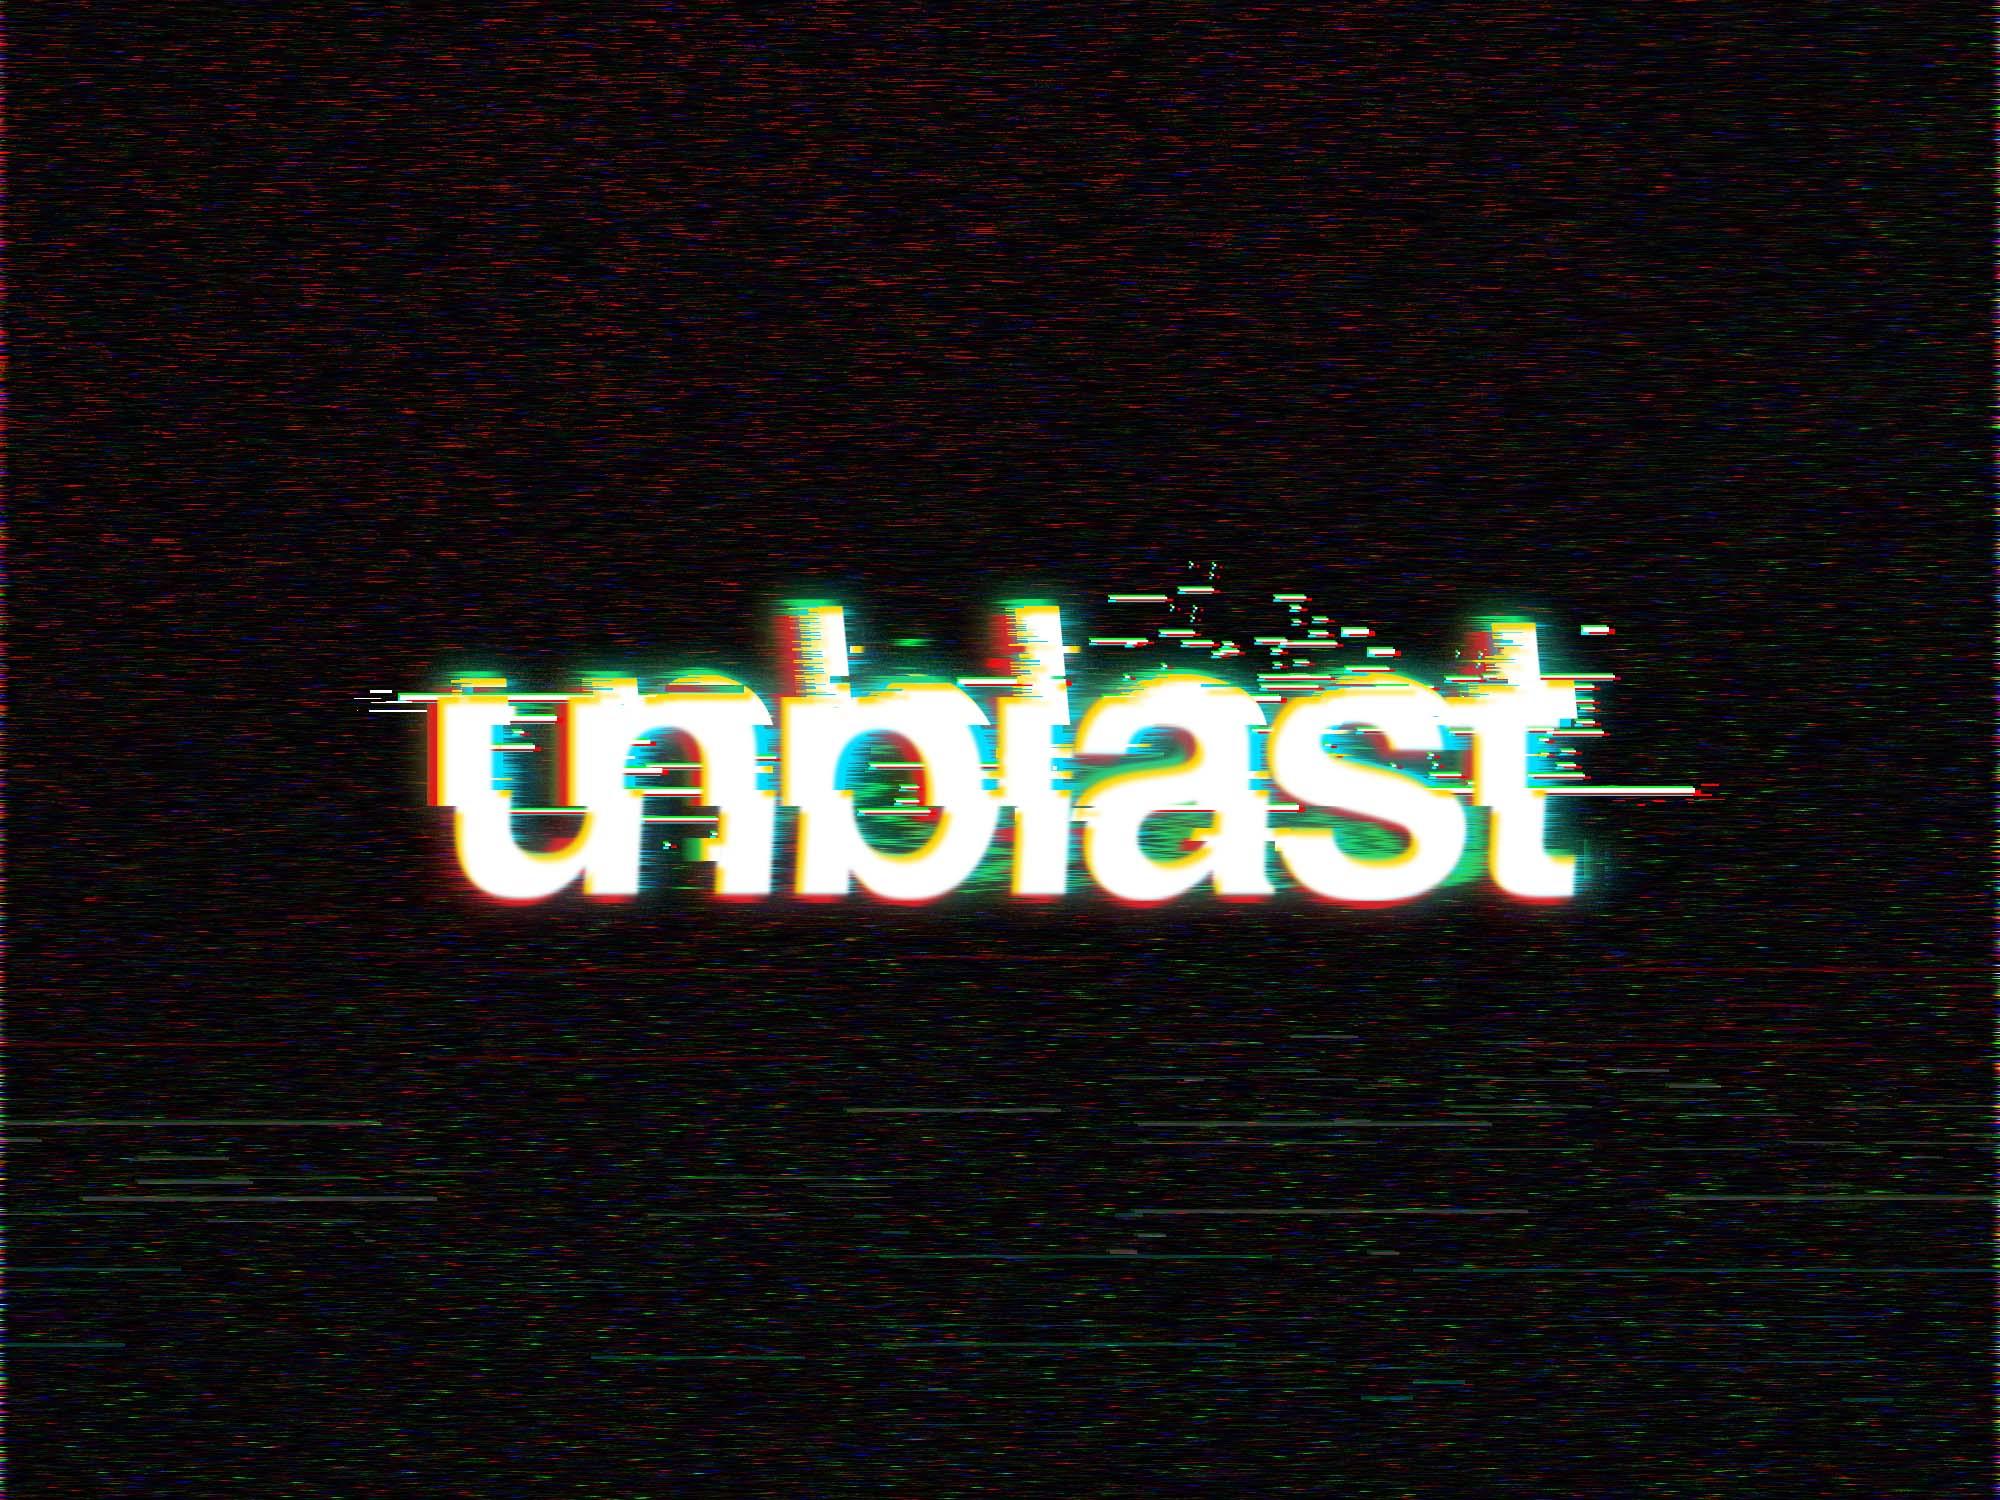 Digital Glitch Text Effect - Unblast